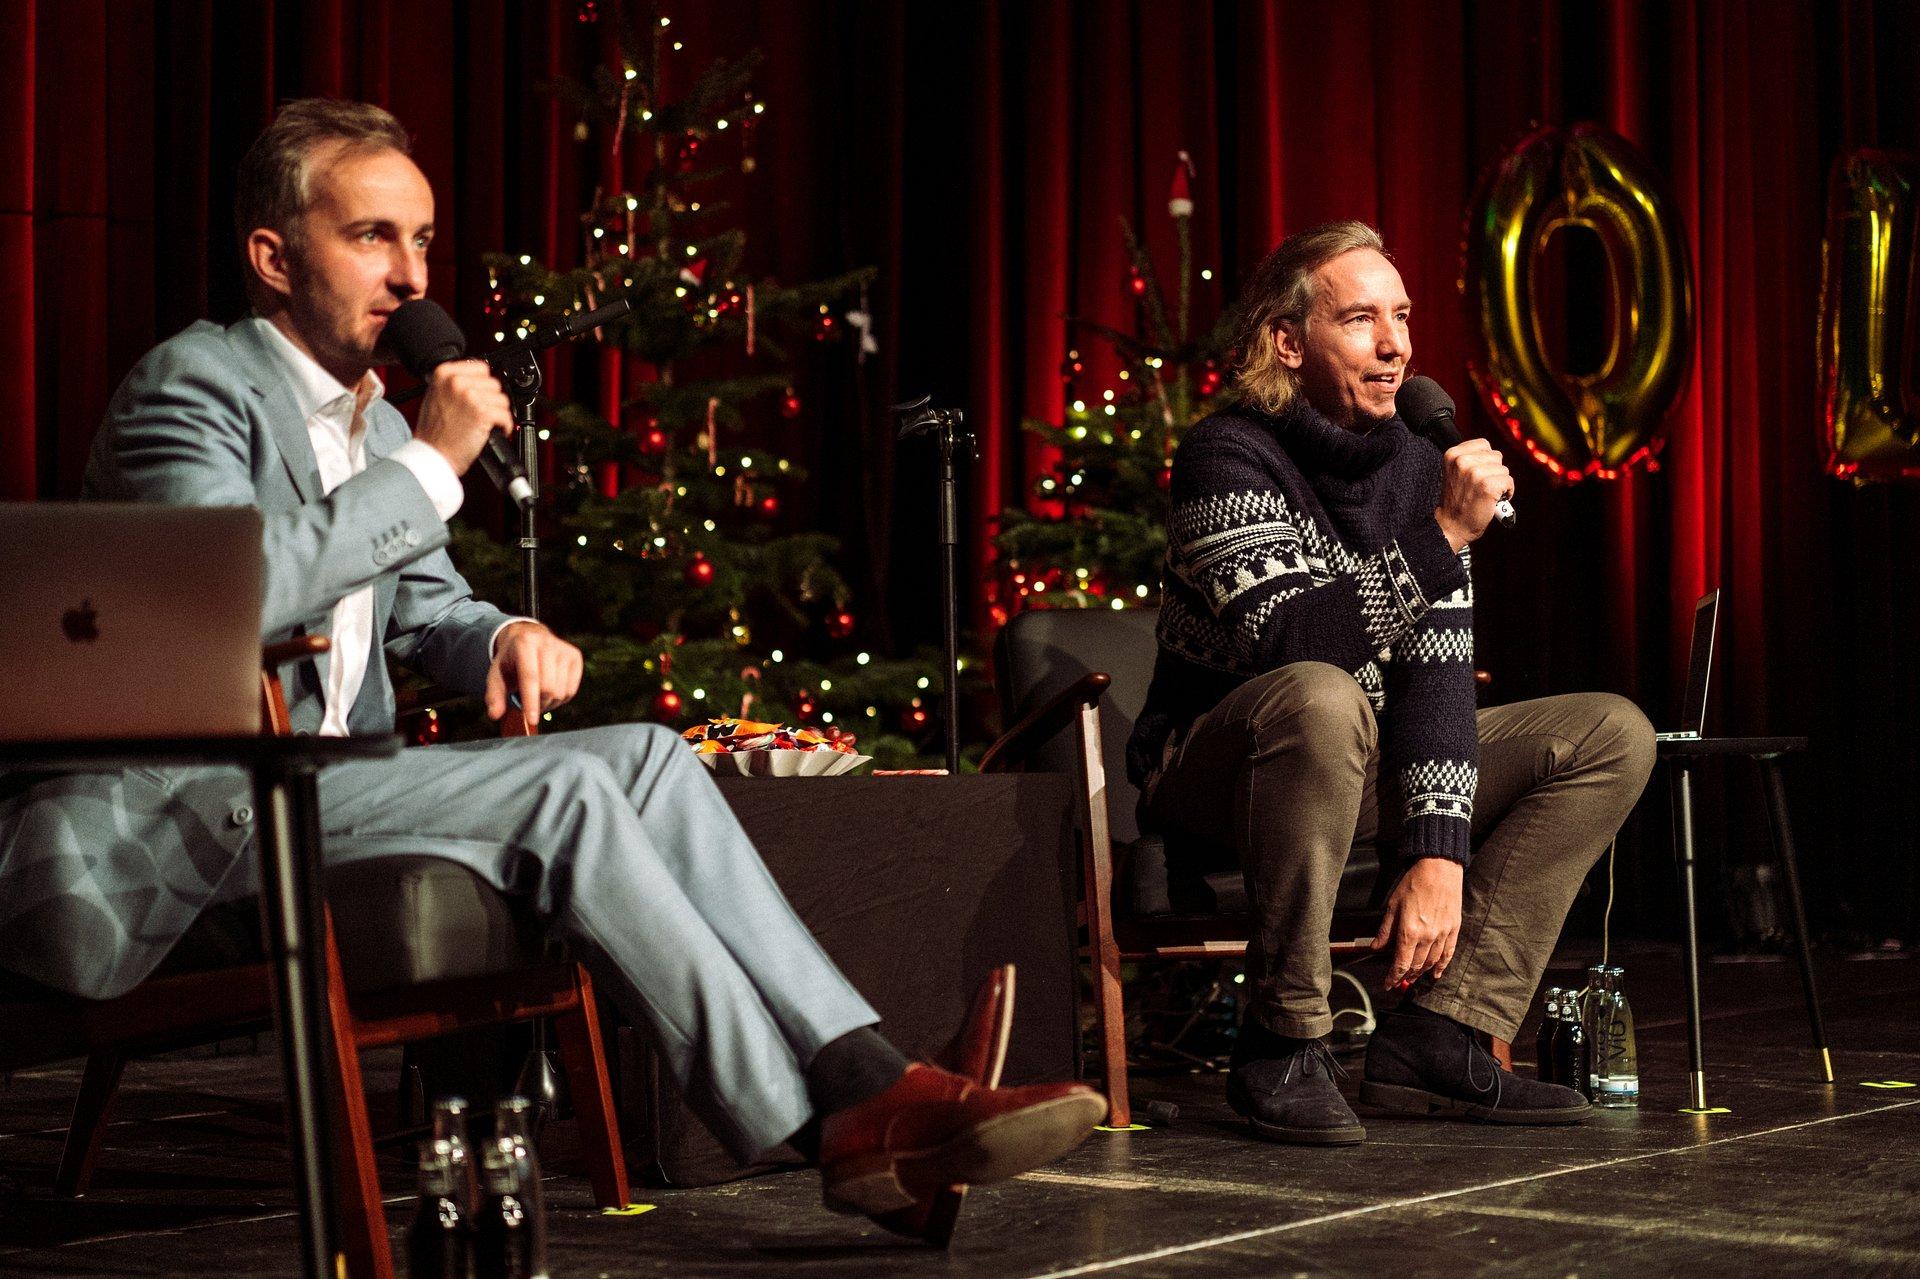 Fest & Flauschig Live: Die Bilder des Abends